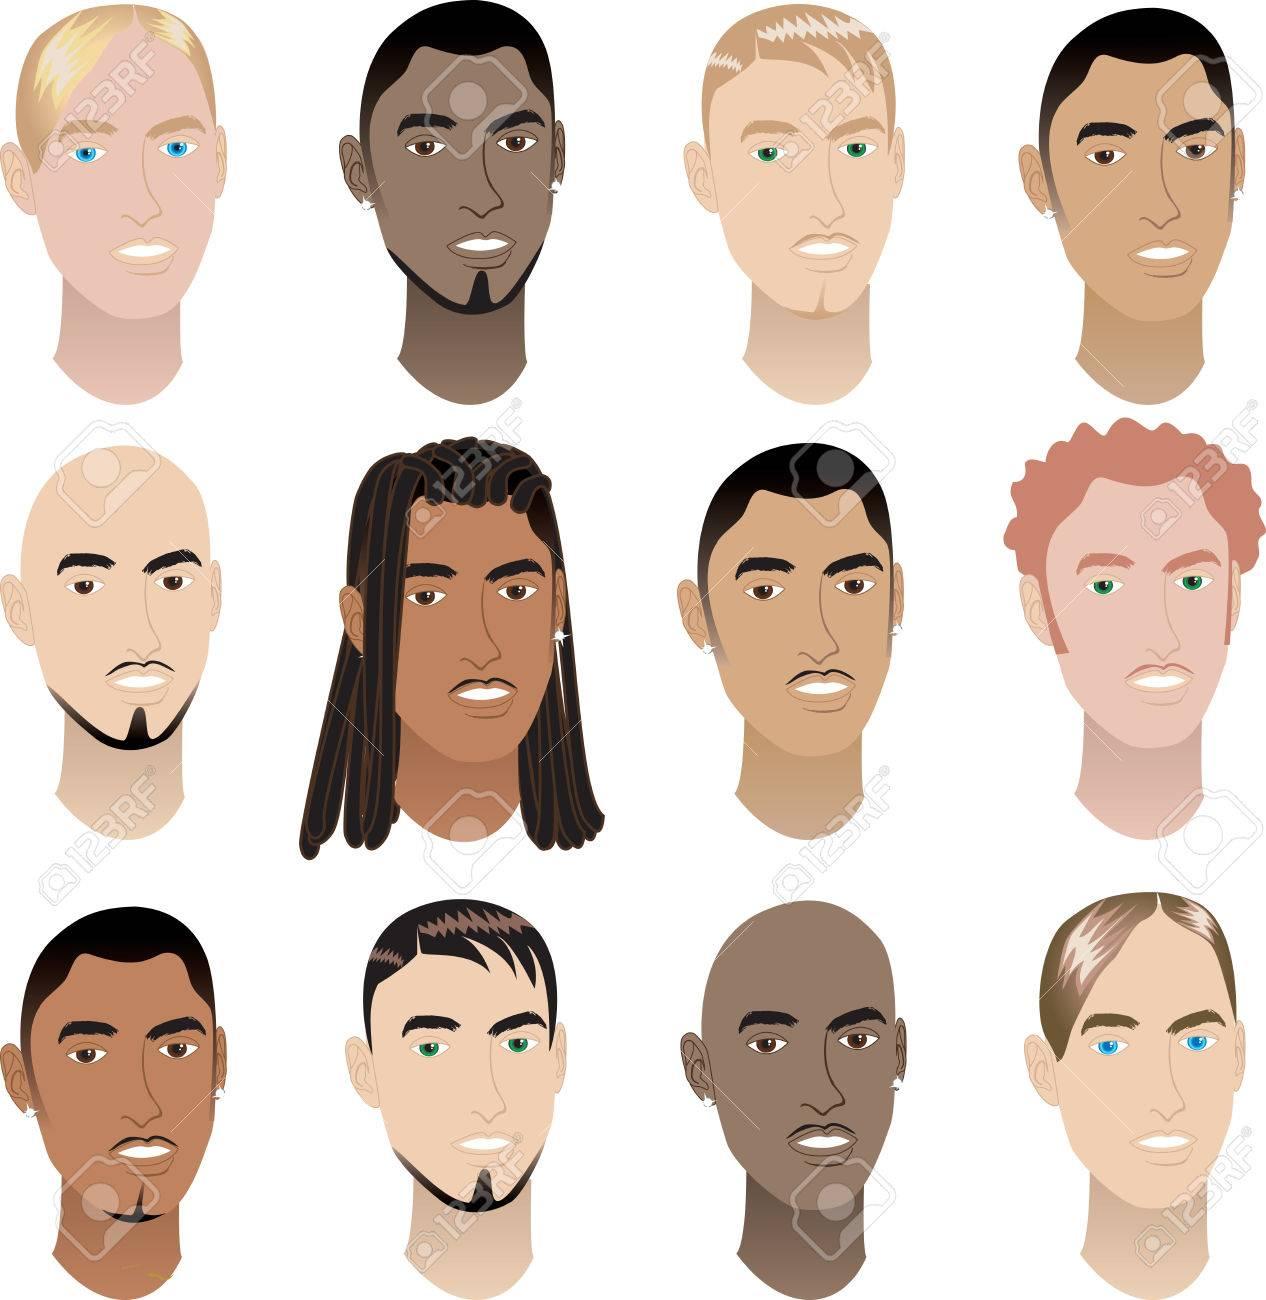 12 人の男の顔のイラスト。男性の顔 # 3。 ロイヤリティフリー